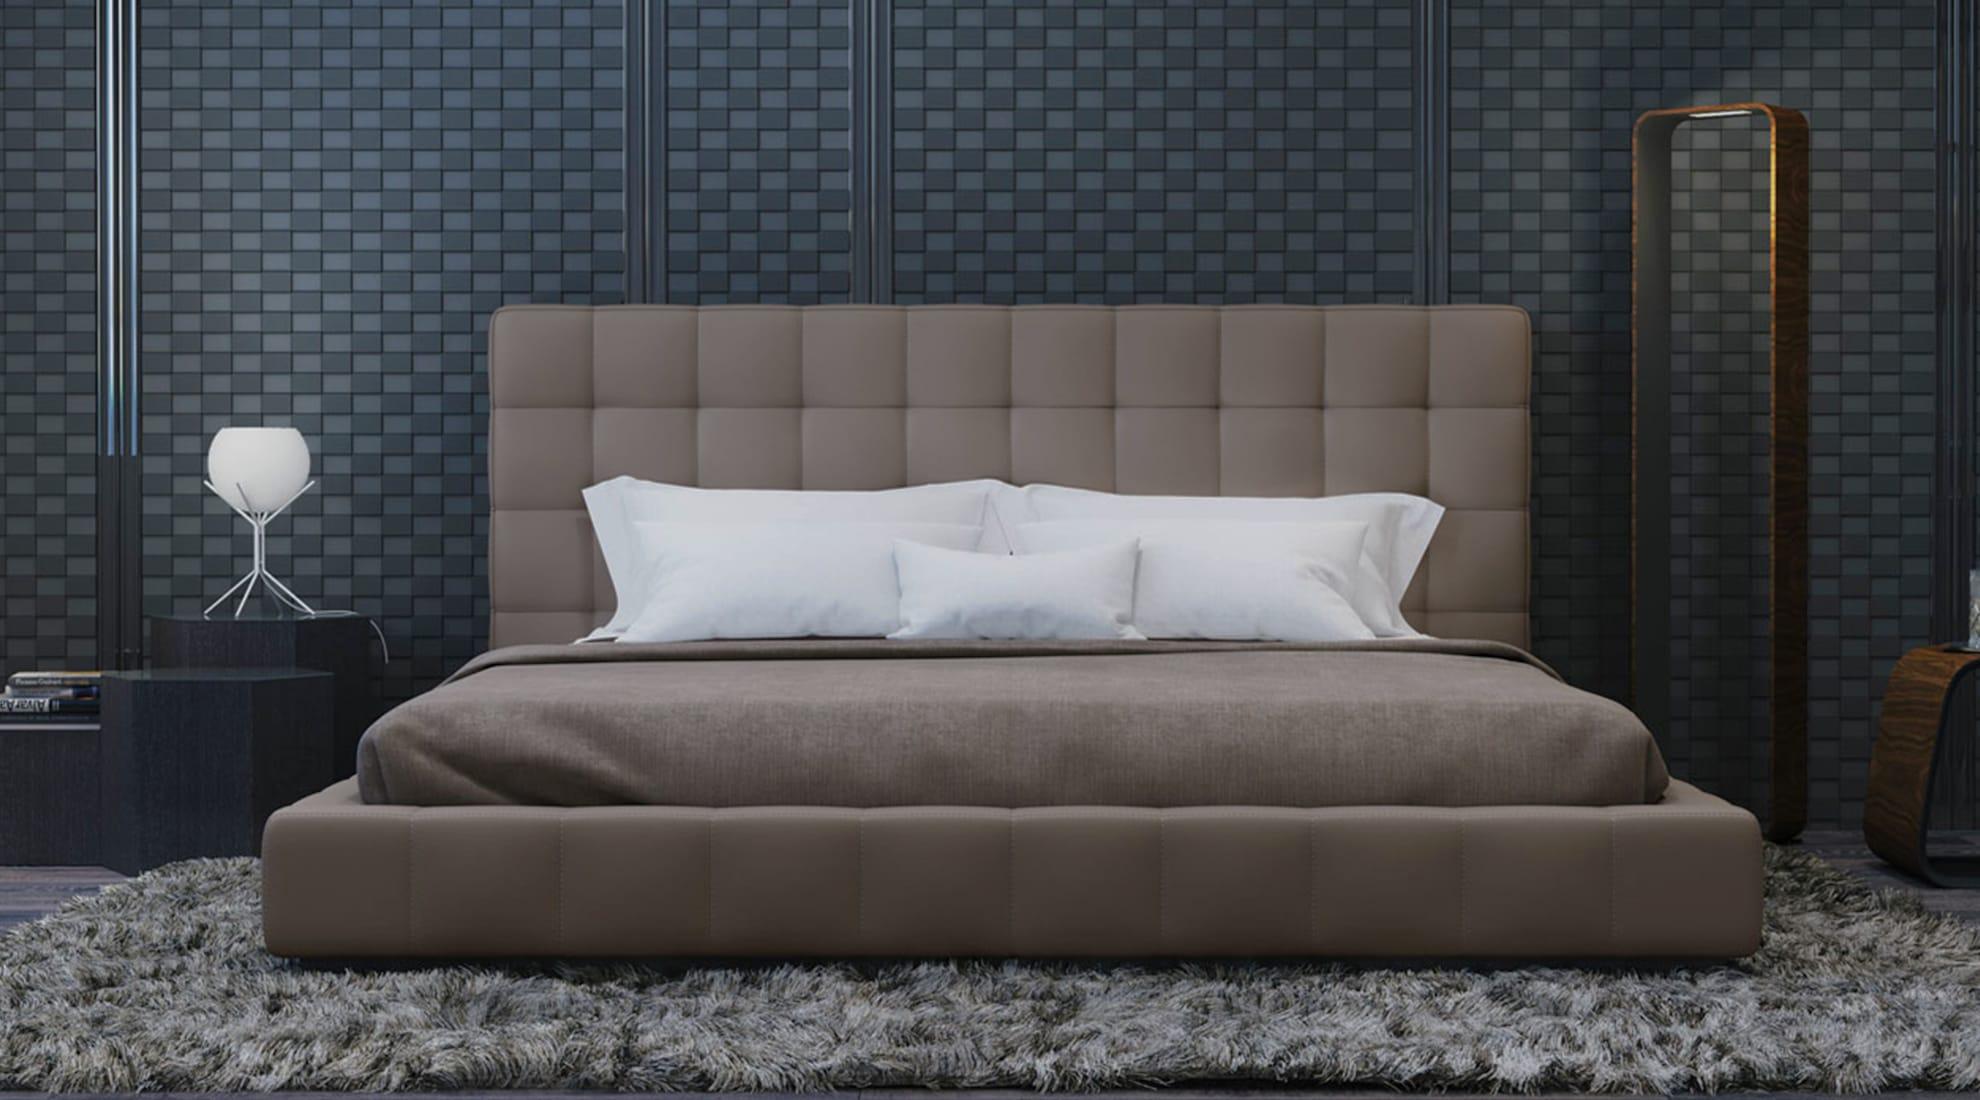 Best Bets: 5 Inspiring Bedroom Looks